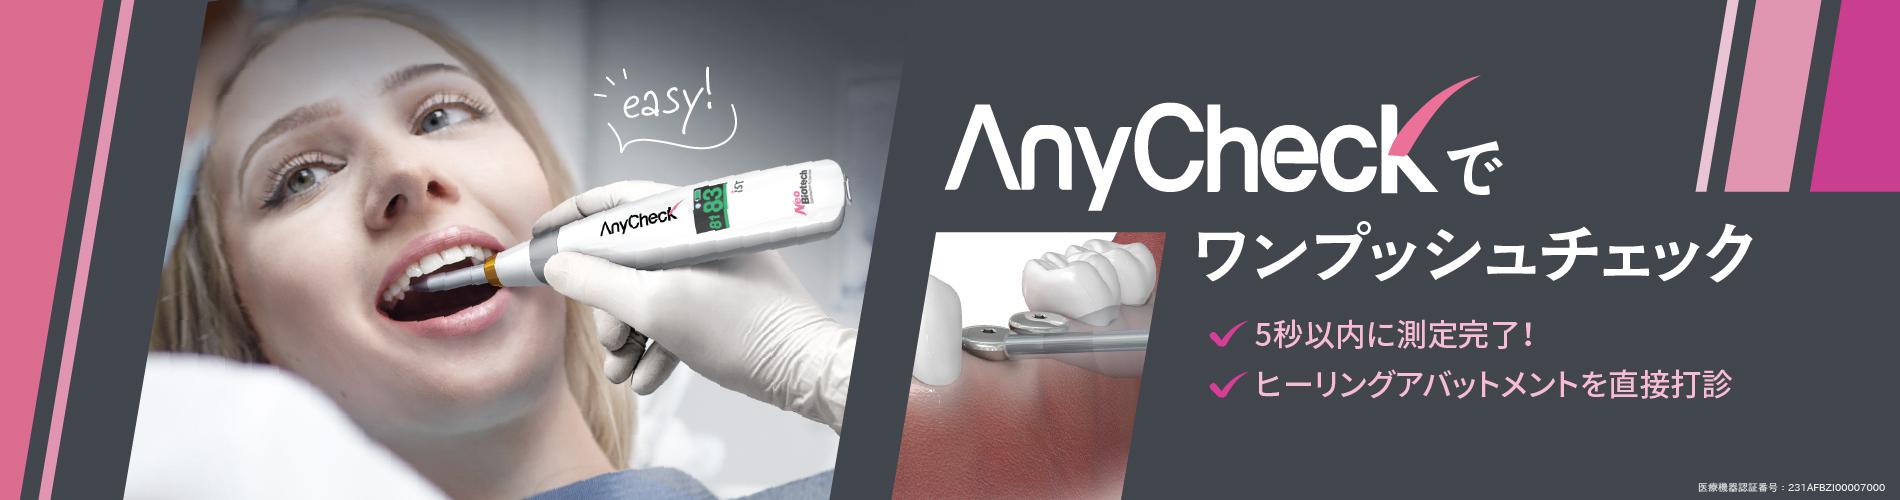 AnyCheck(インプラント体安定性測定器) 新発売